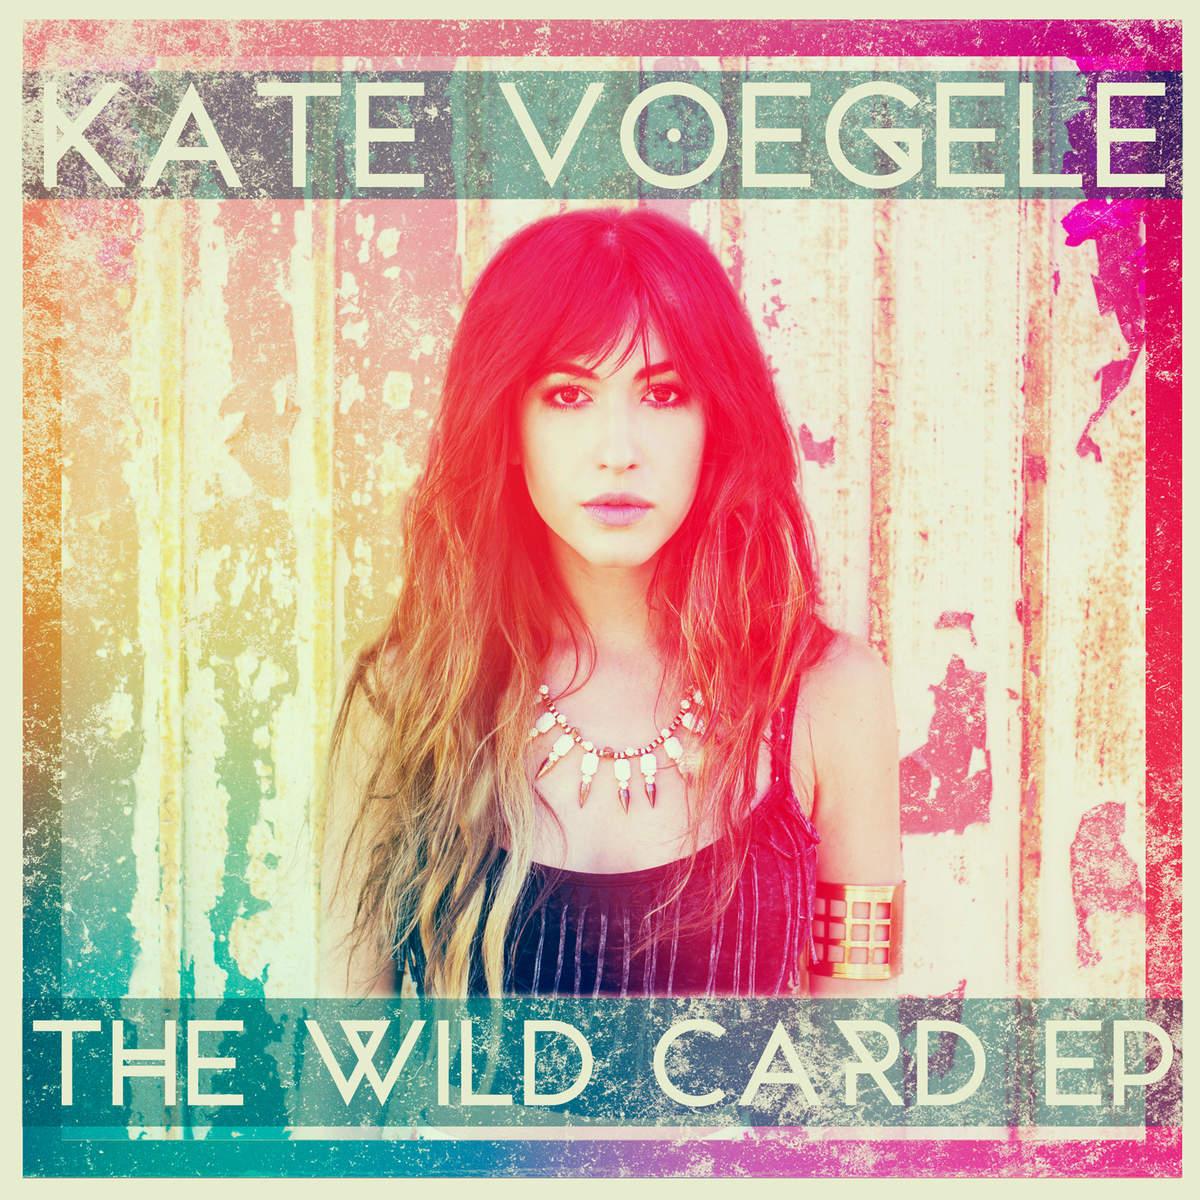 Kate Voegele ♡Ƹ̴Ӂ̴Ʒ♡ #katevoegele #KateVoegele Kate